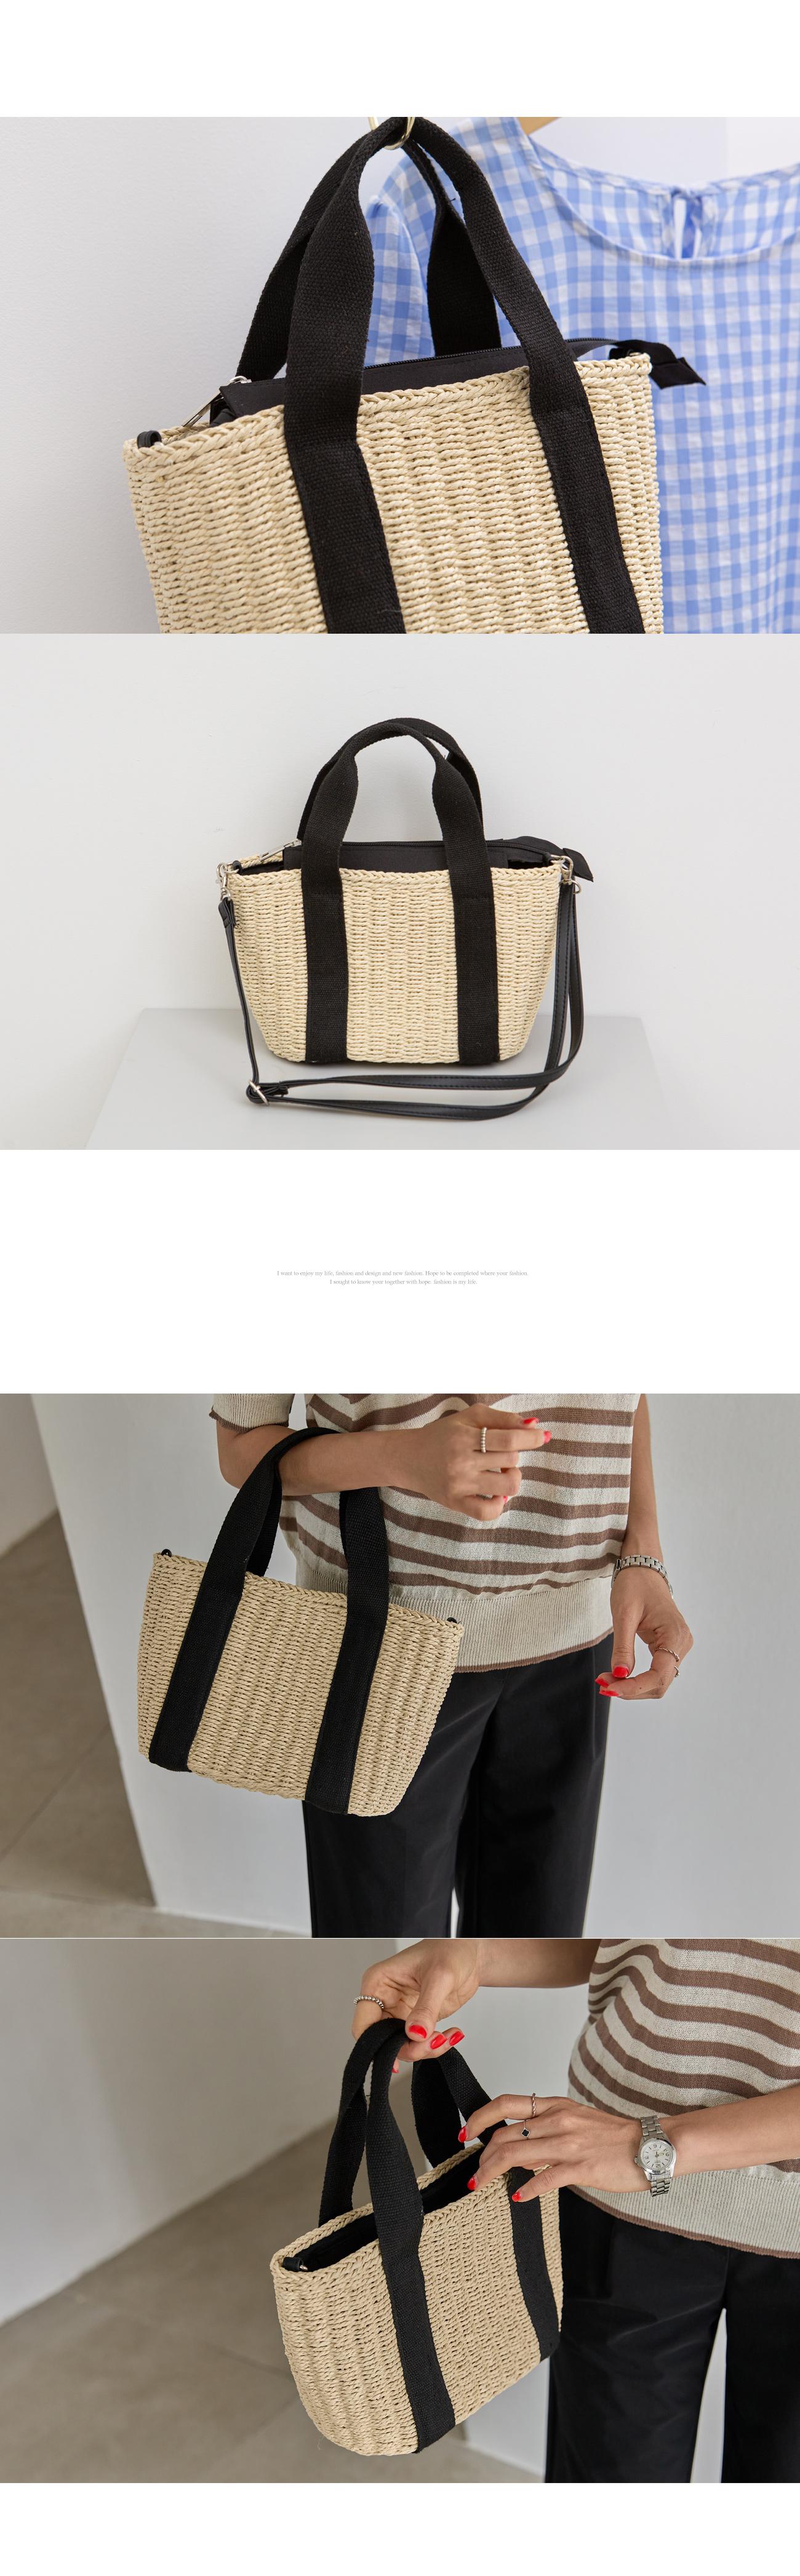 Picnic Tote Bag #86588